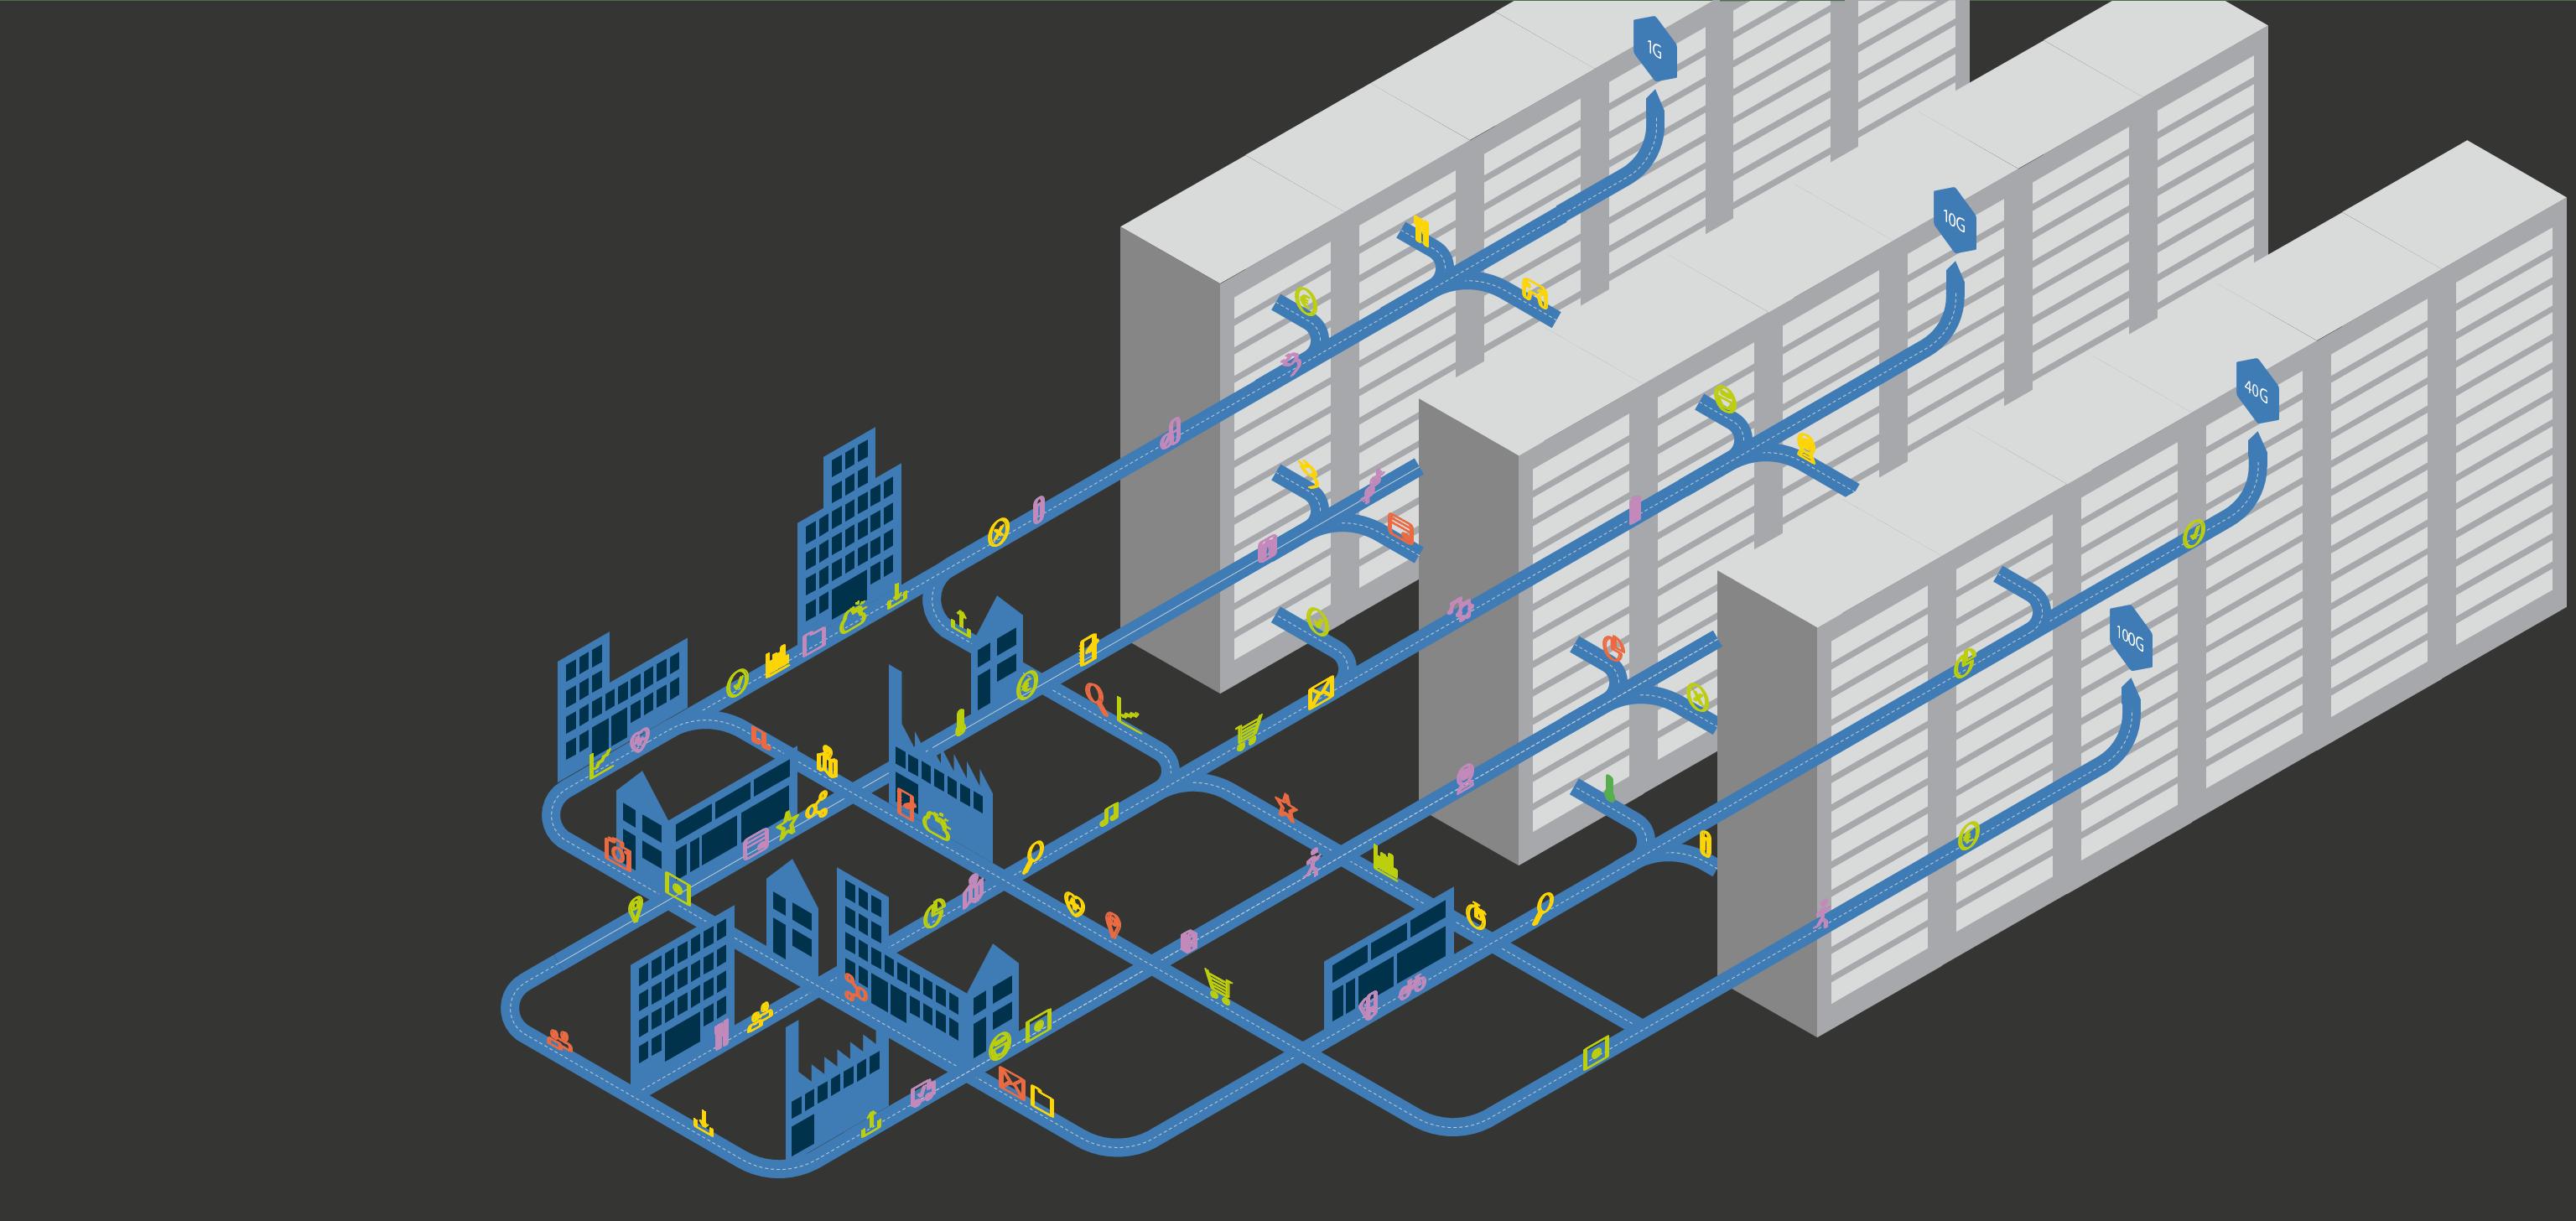 شبکه های محلی LAN برند نگزنس (Nexans)